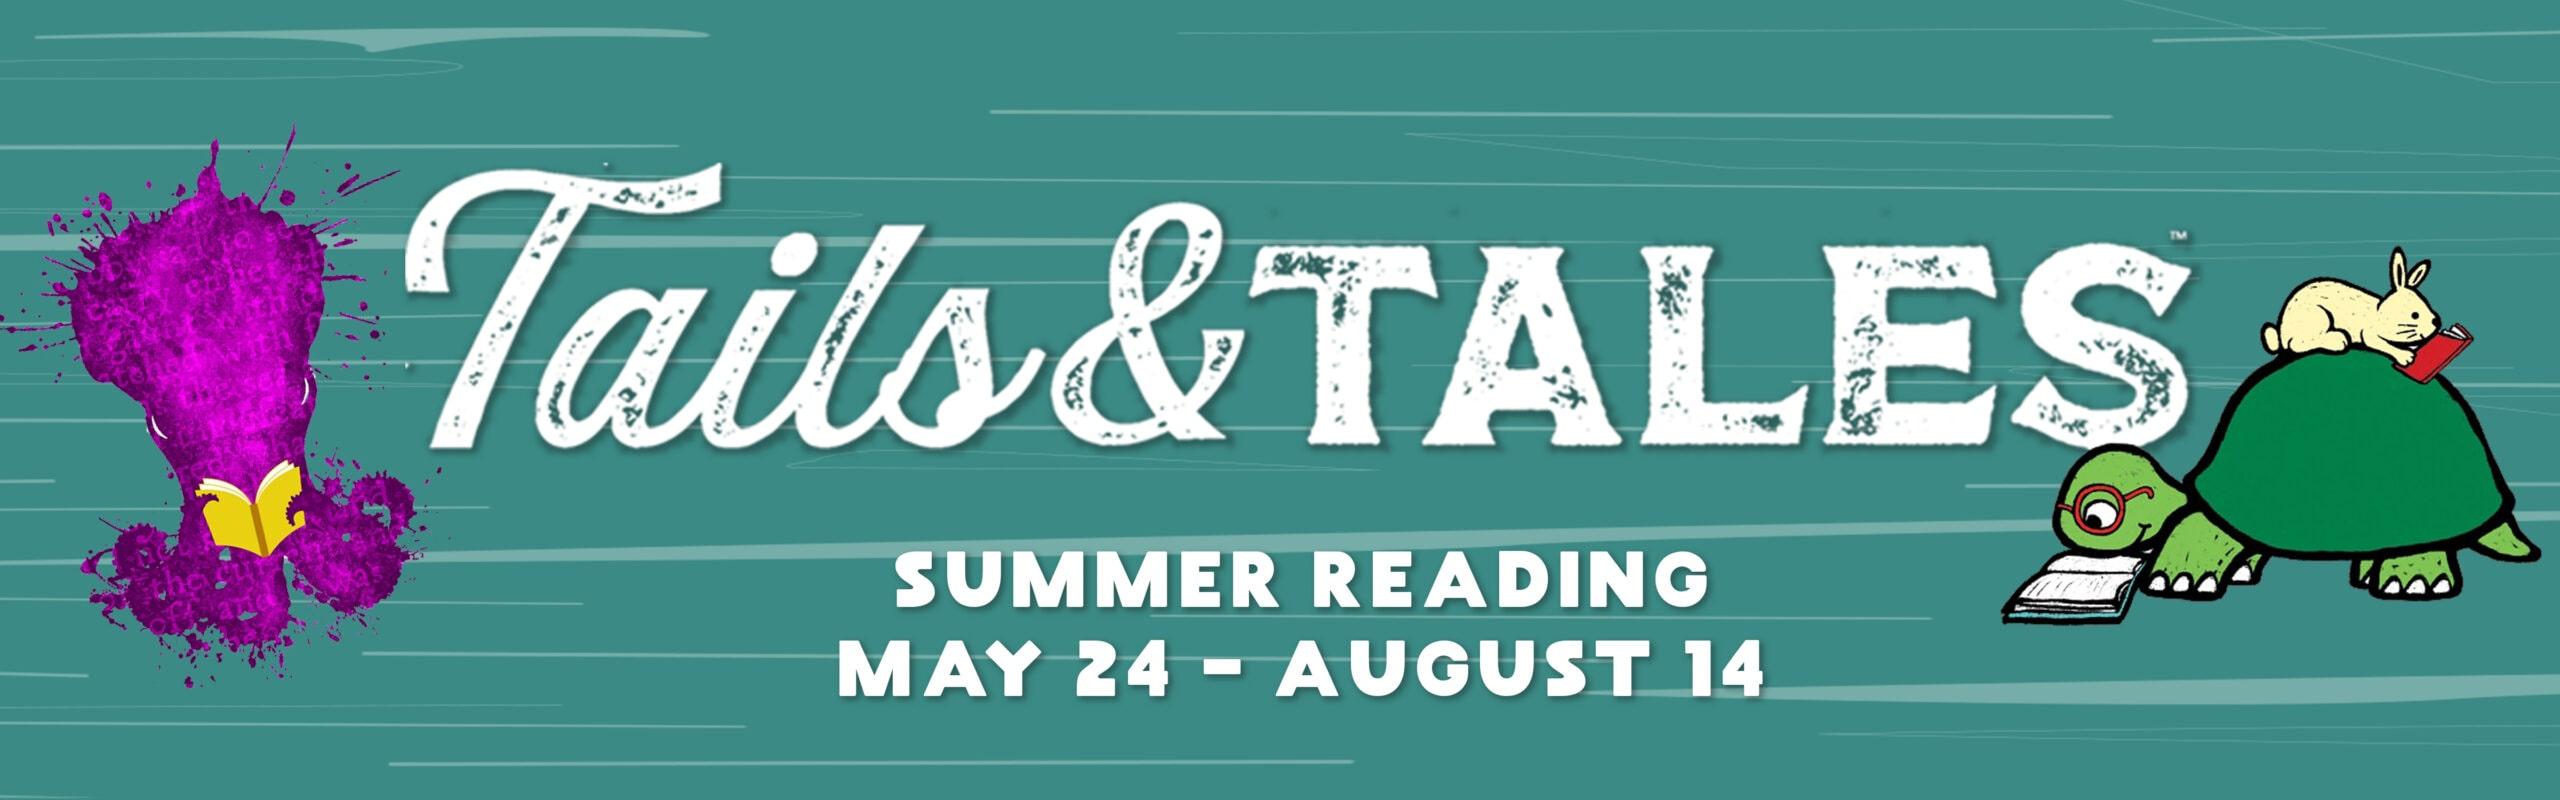 Summer Reading 2021